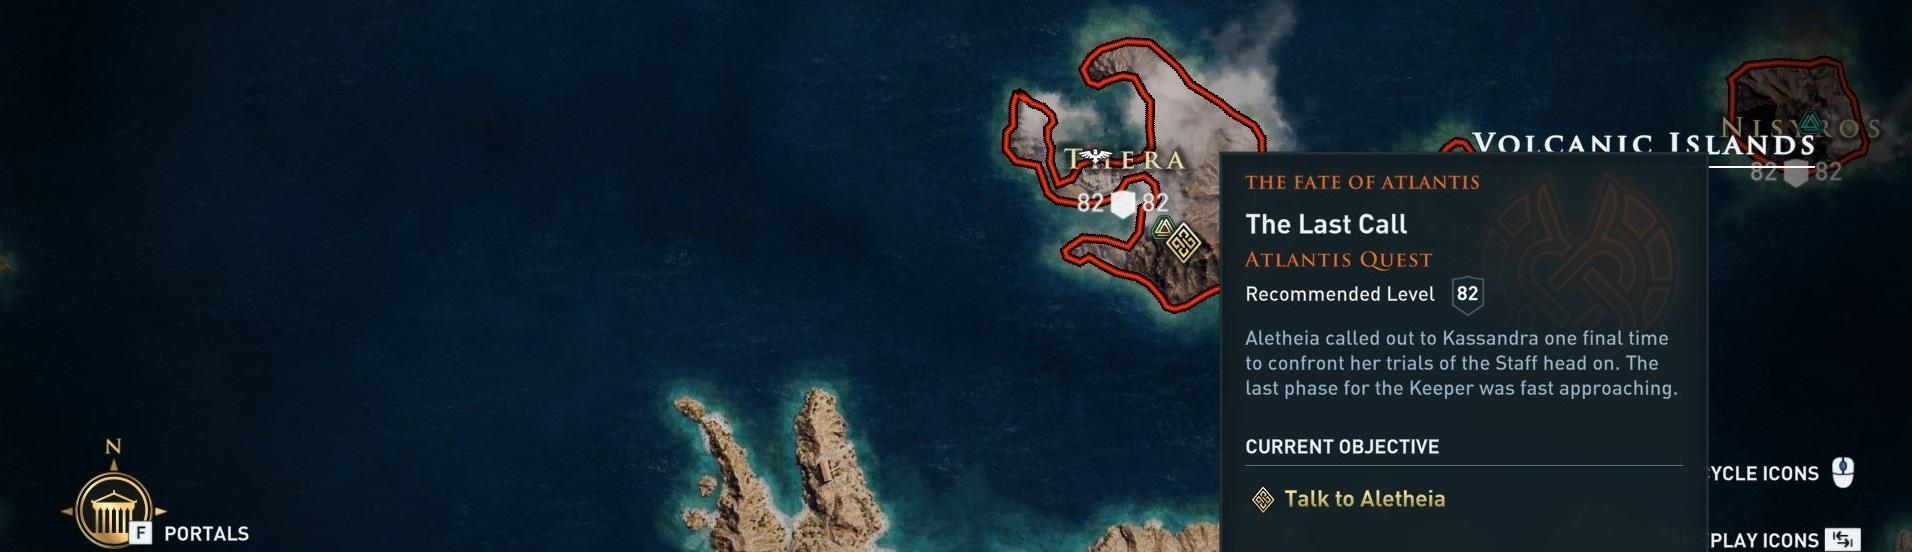 Emplacement de la quête sur la carte du monde en jeu